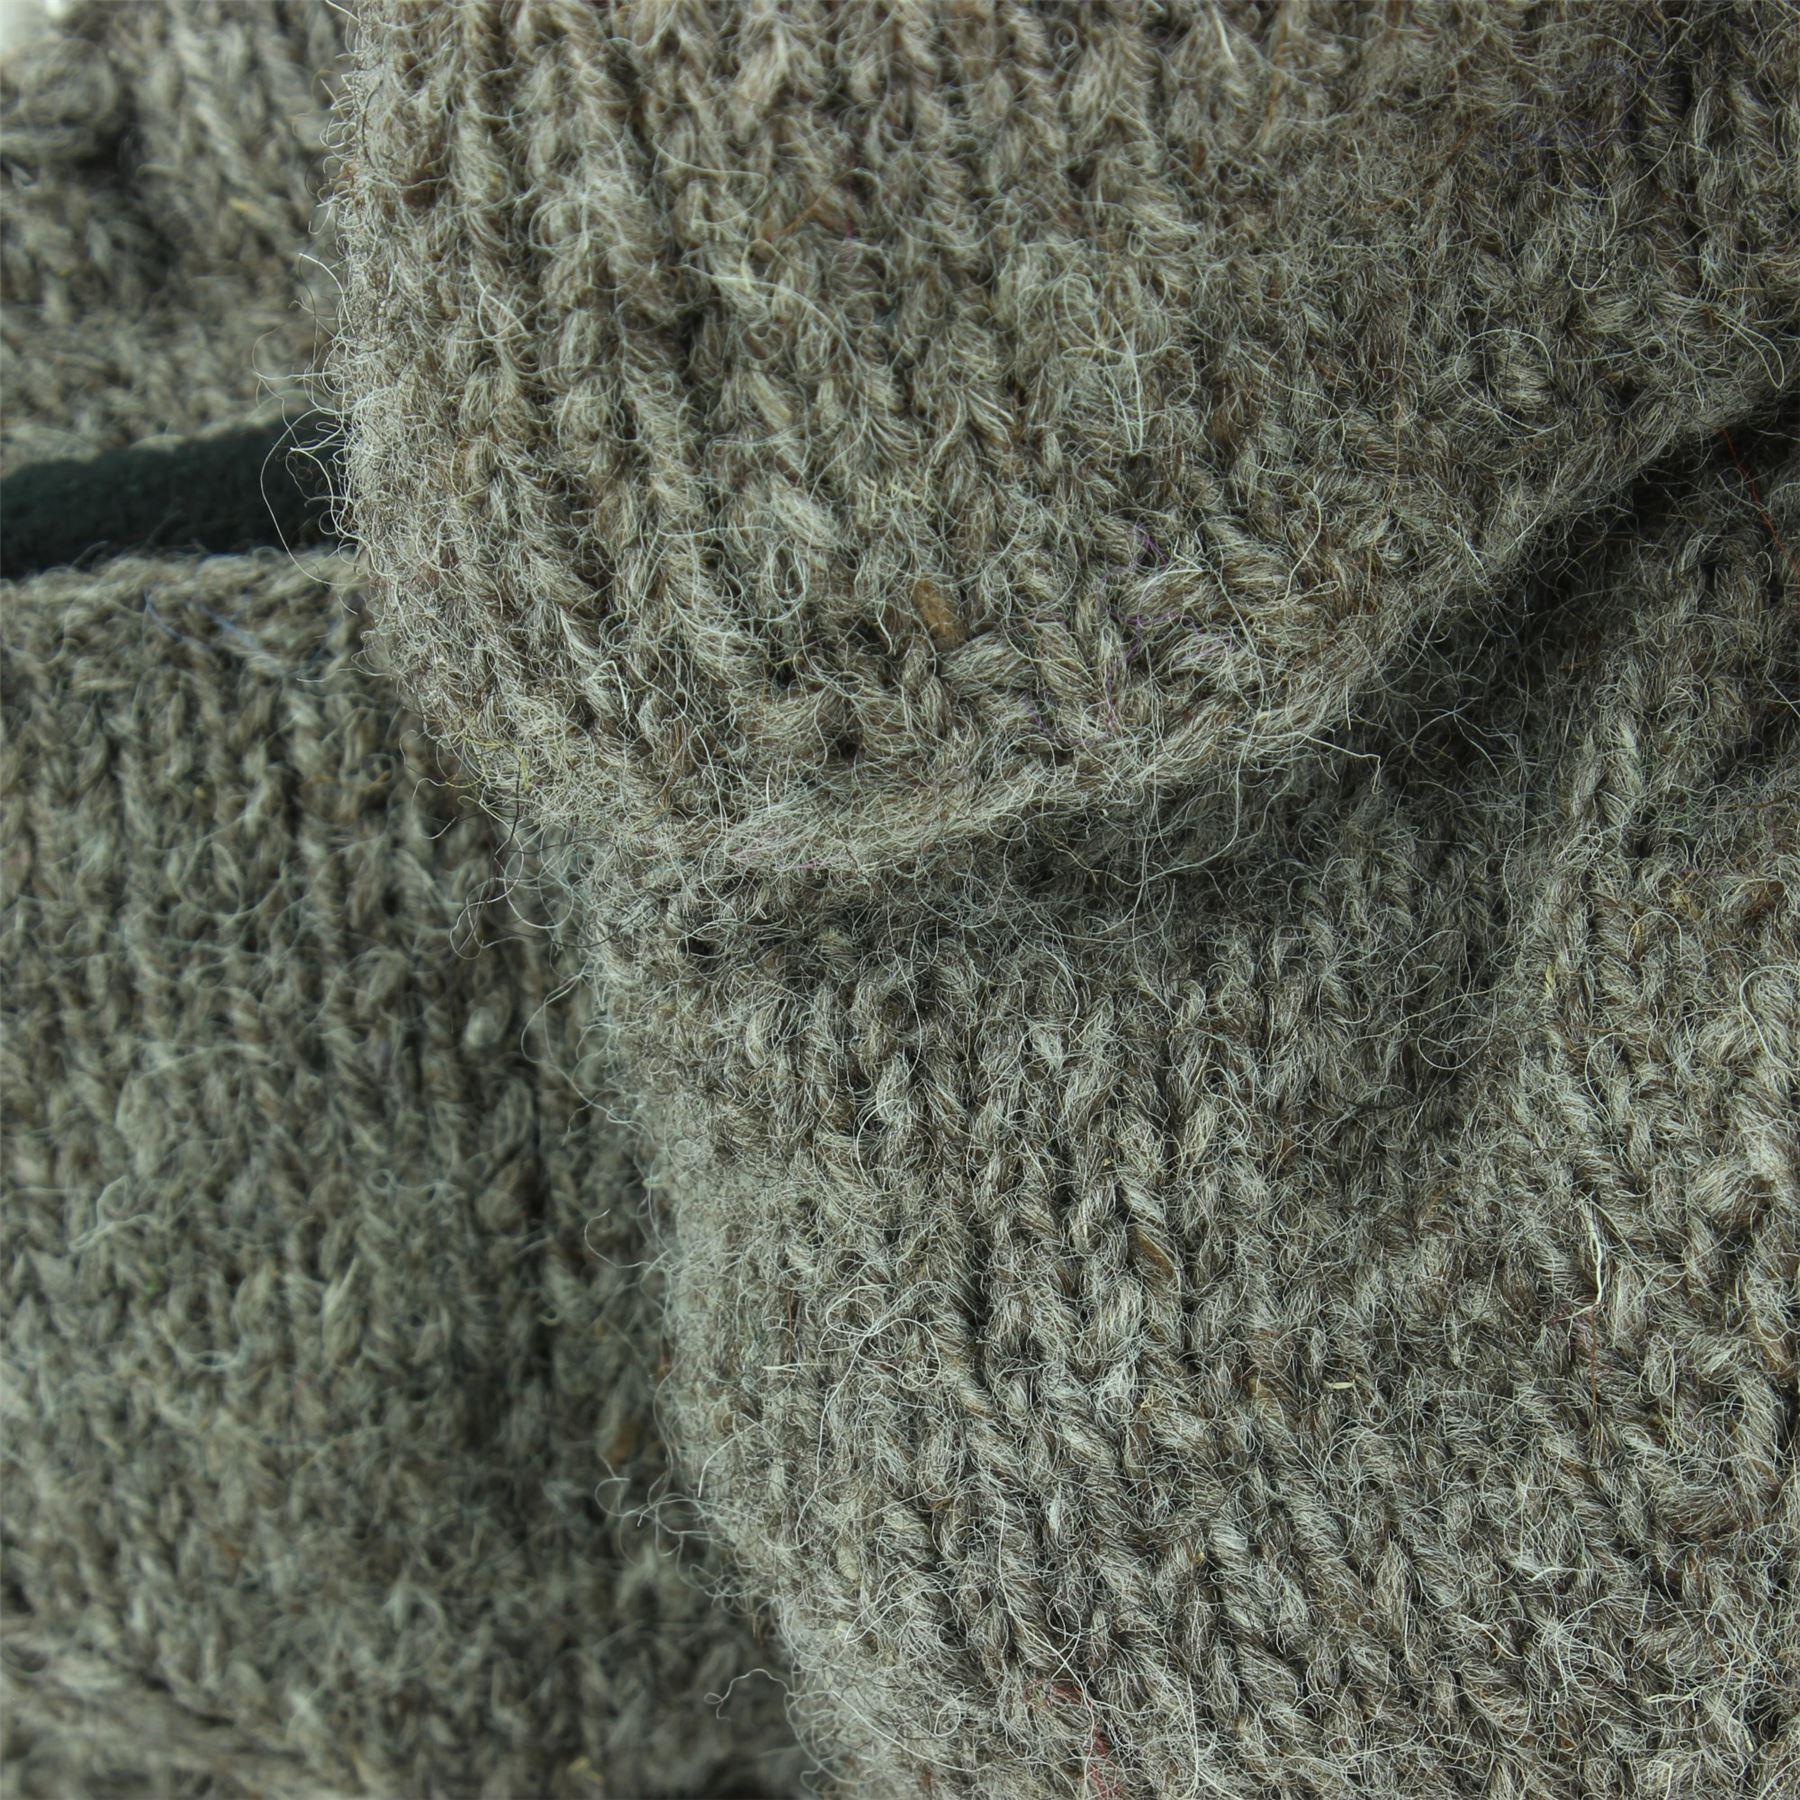 Wool-Gloves-Mittens-Fingerless-Shooter-Lined-PLAIN-Knit-Handmade-LoudElephant miniatura 7